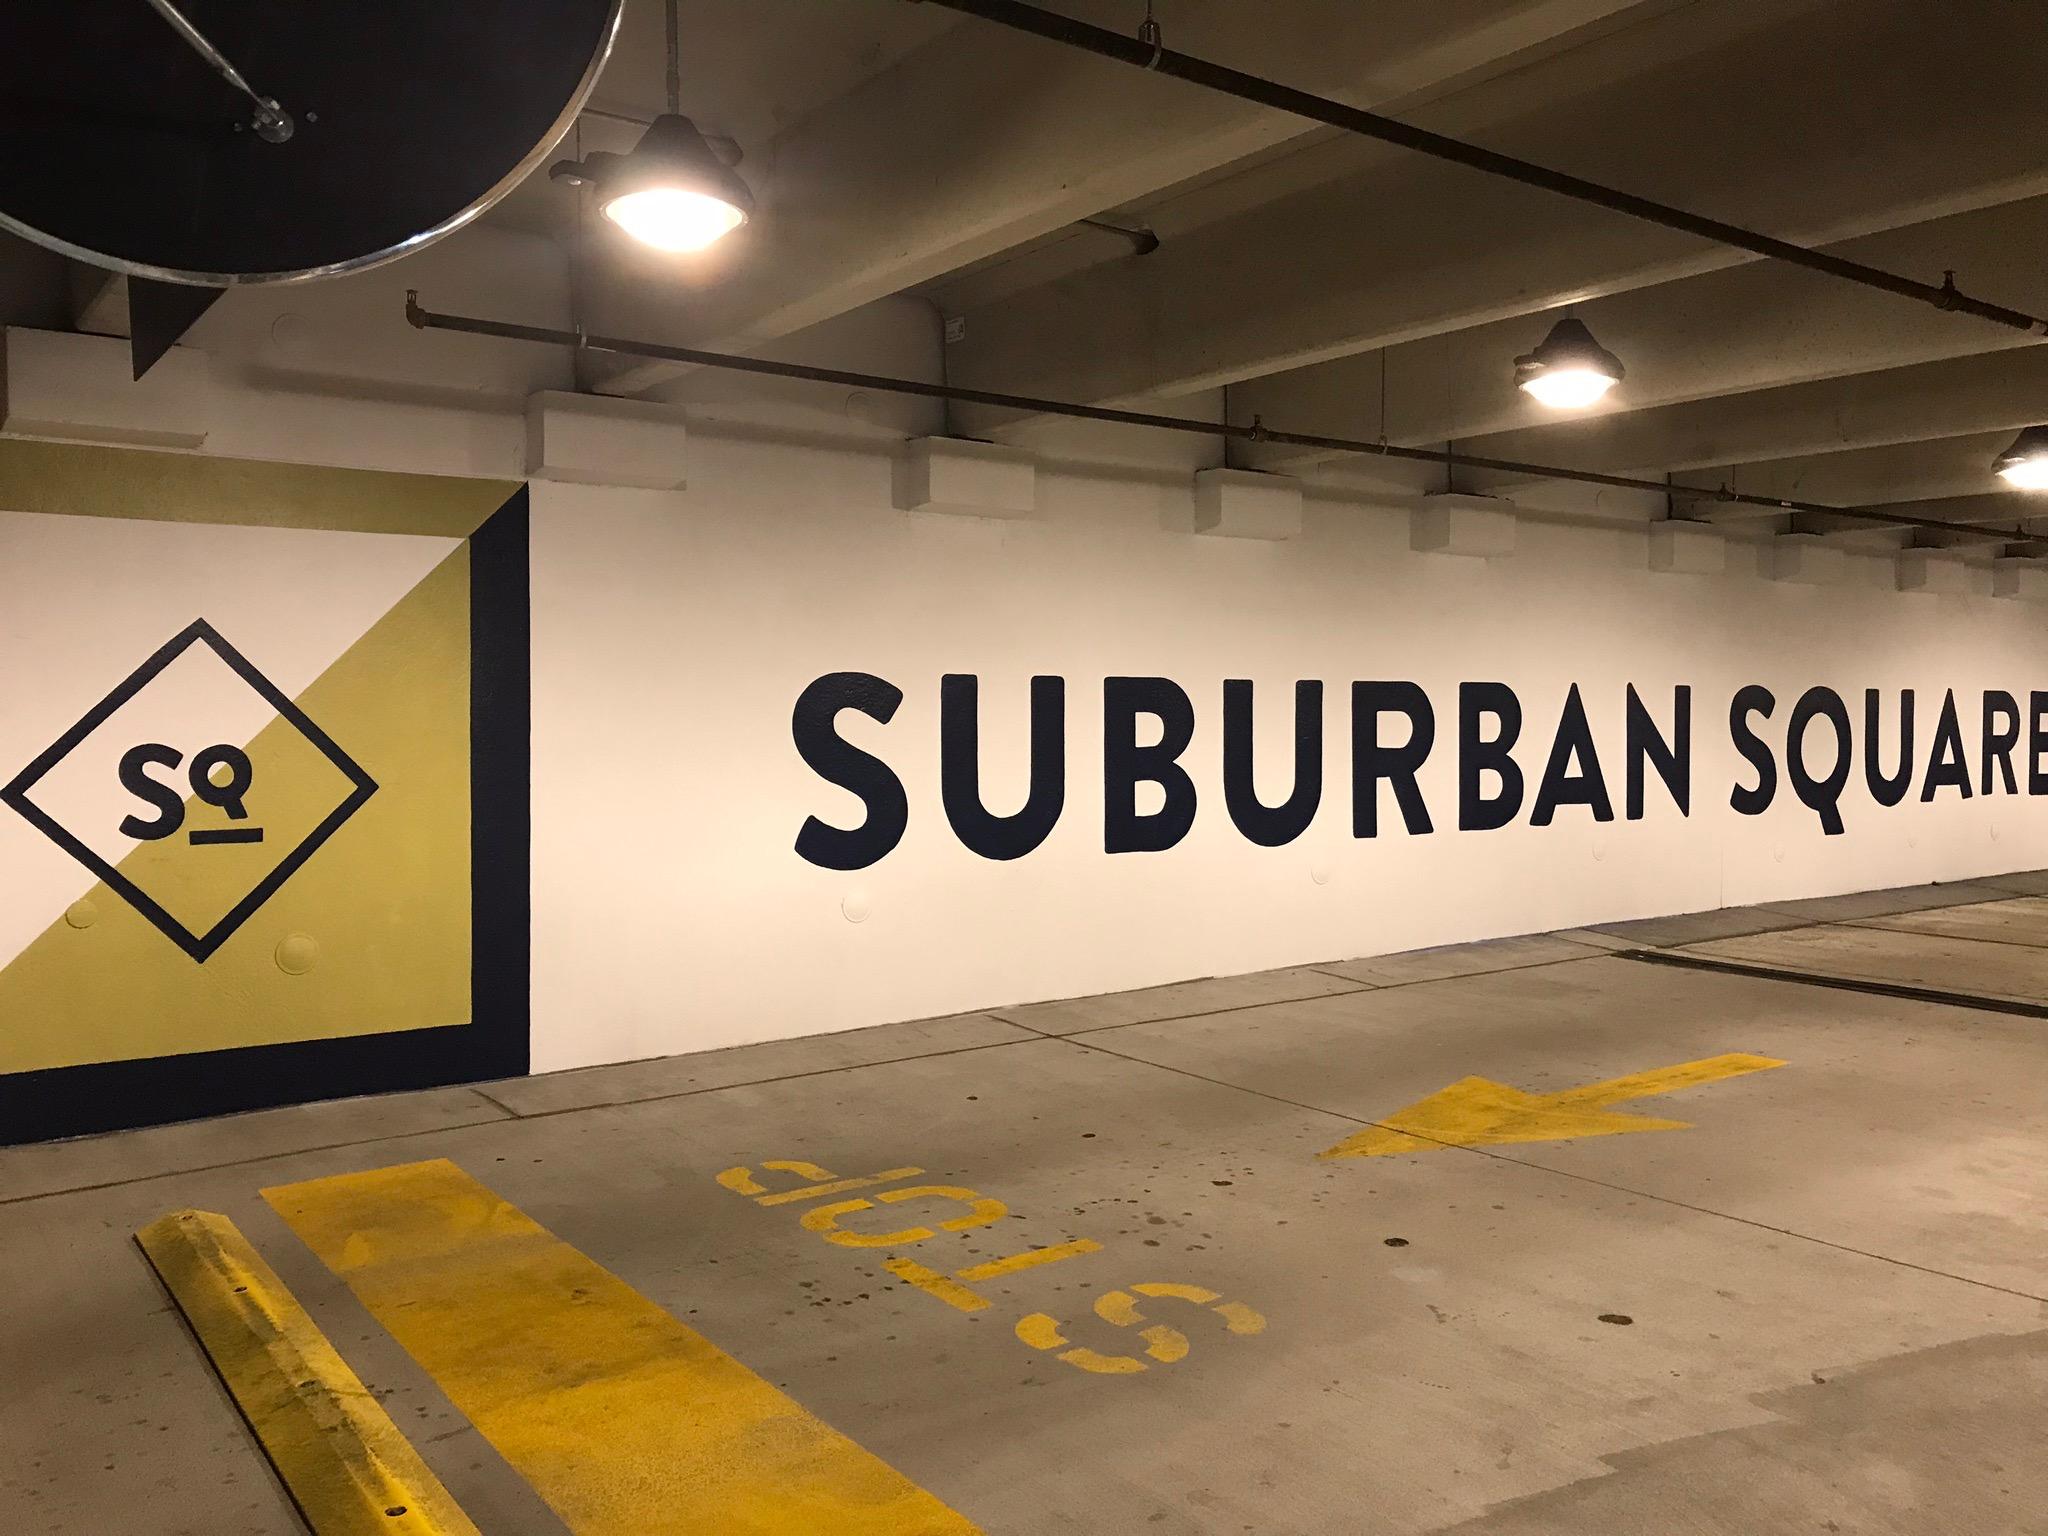 Suburban Square Garage graphics & signage